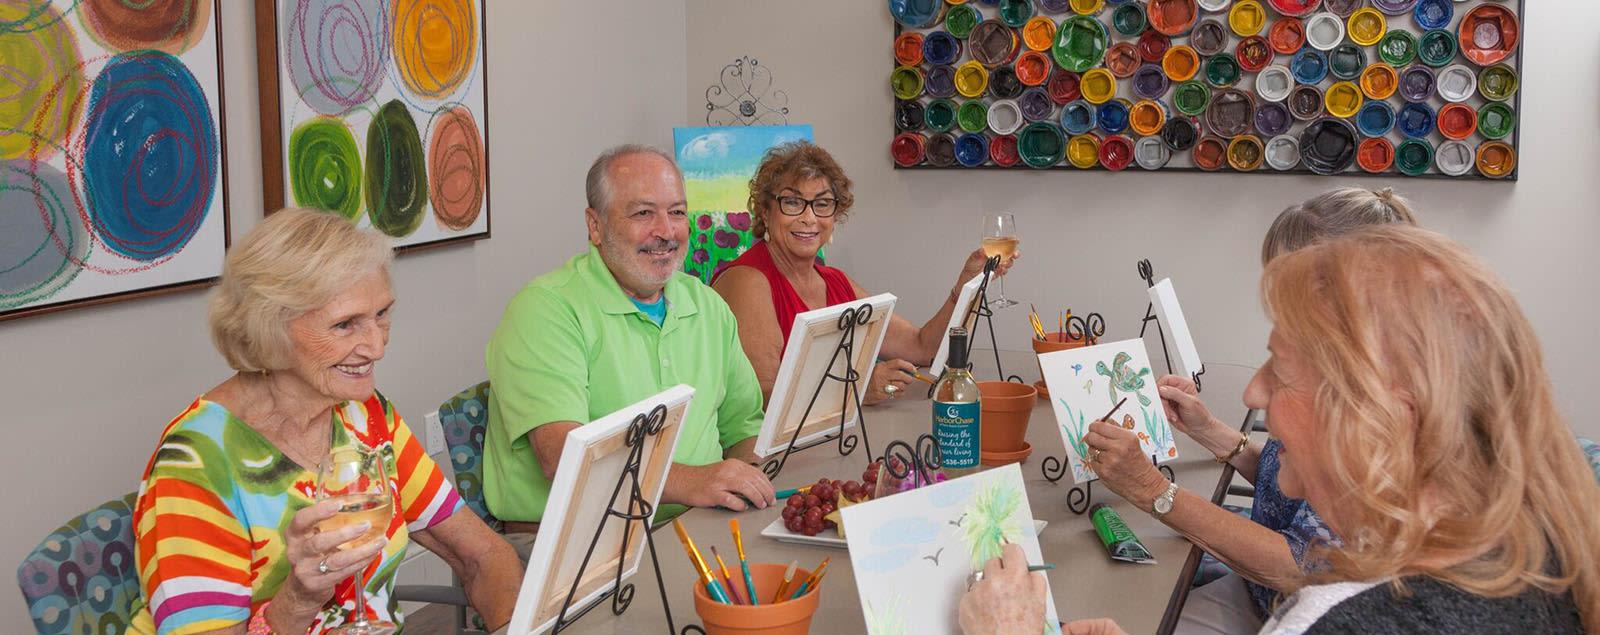 Levels of Senior Living care at senior living in Jacksonville